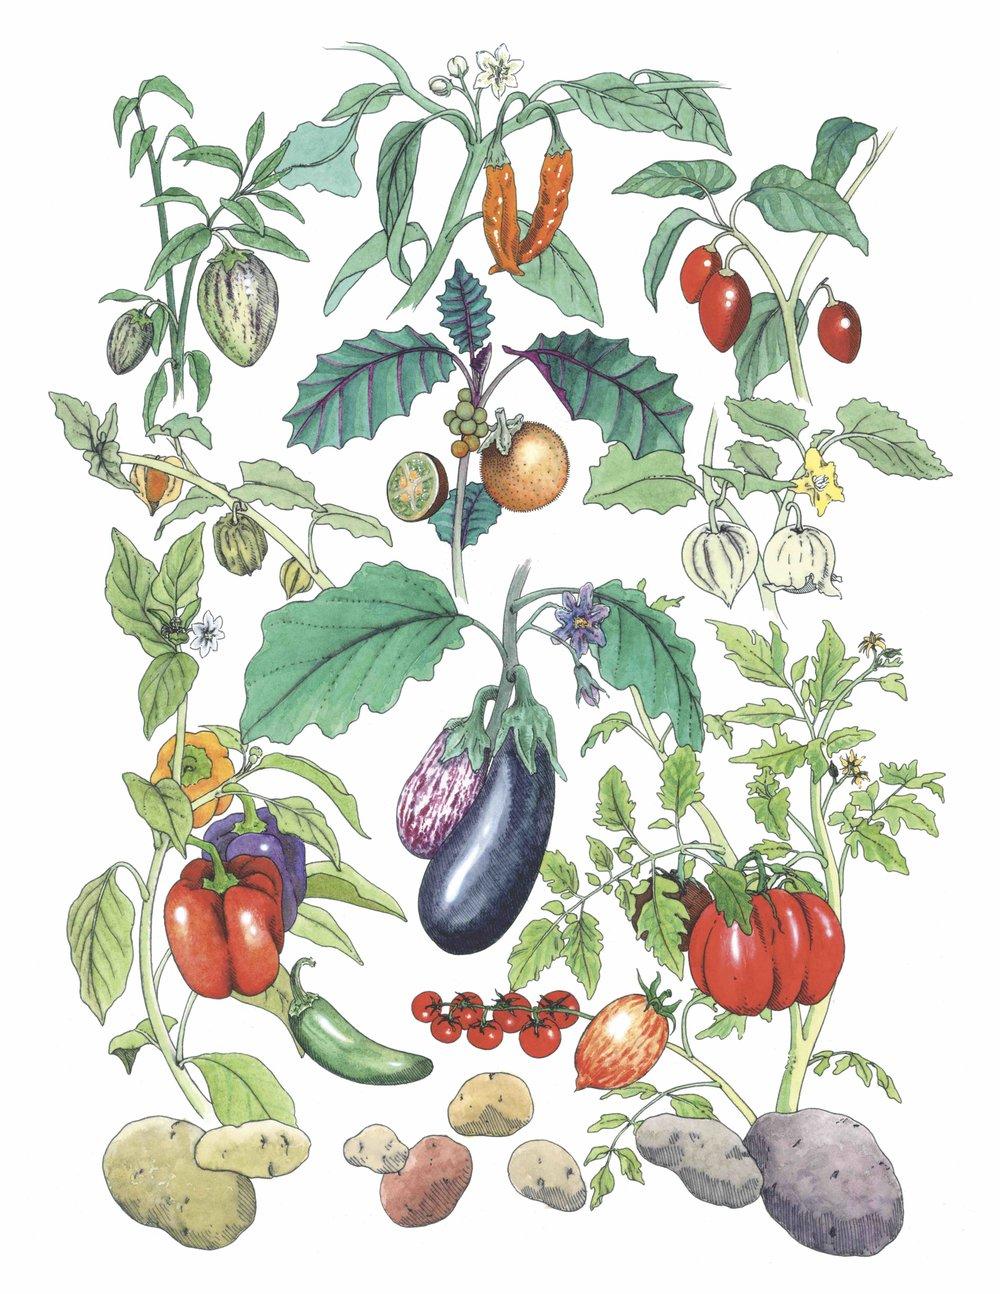 Solanaceae Botanical Plate